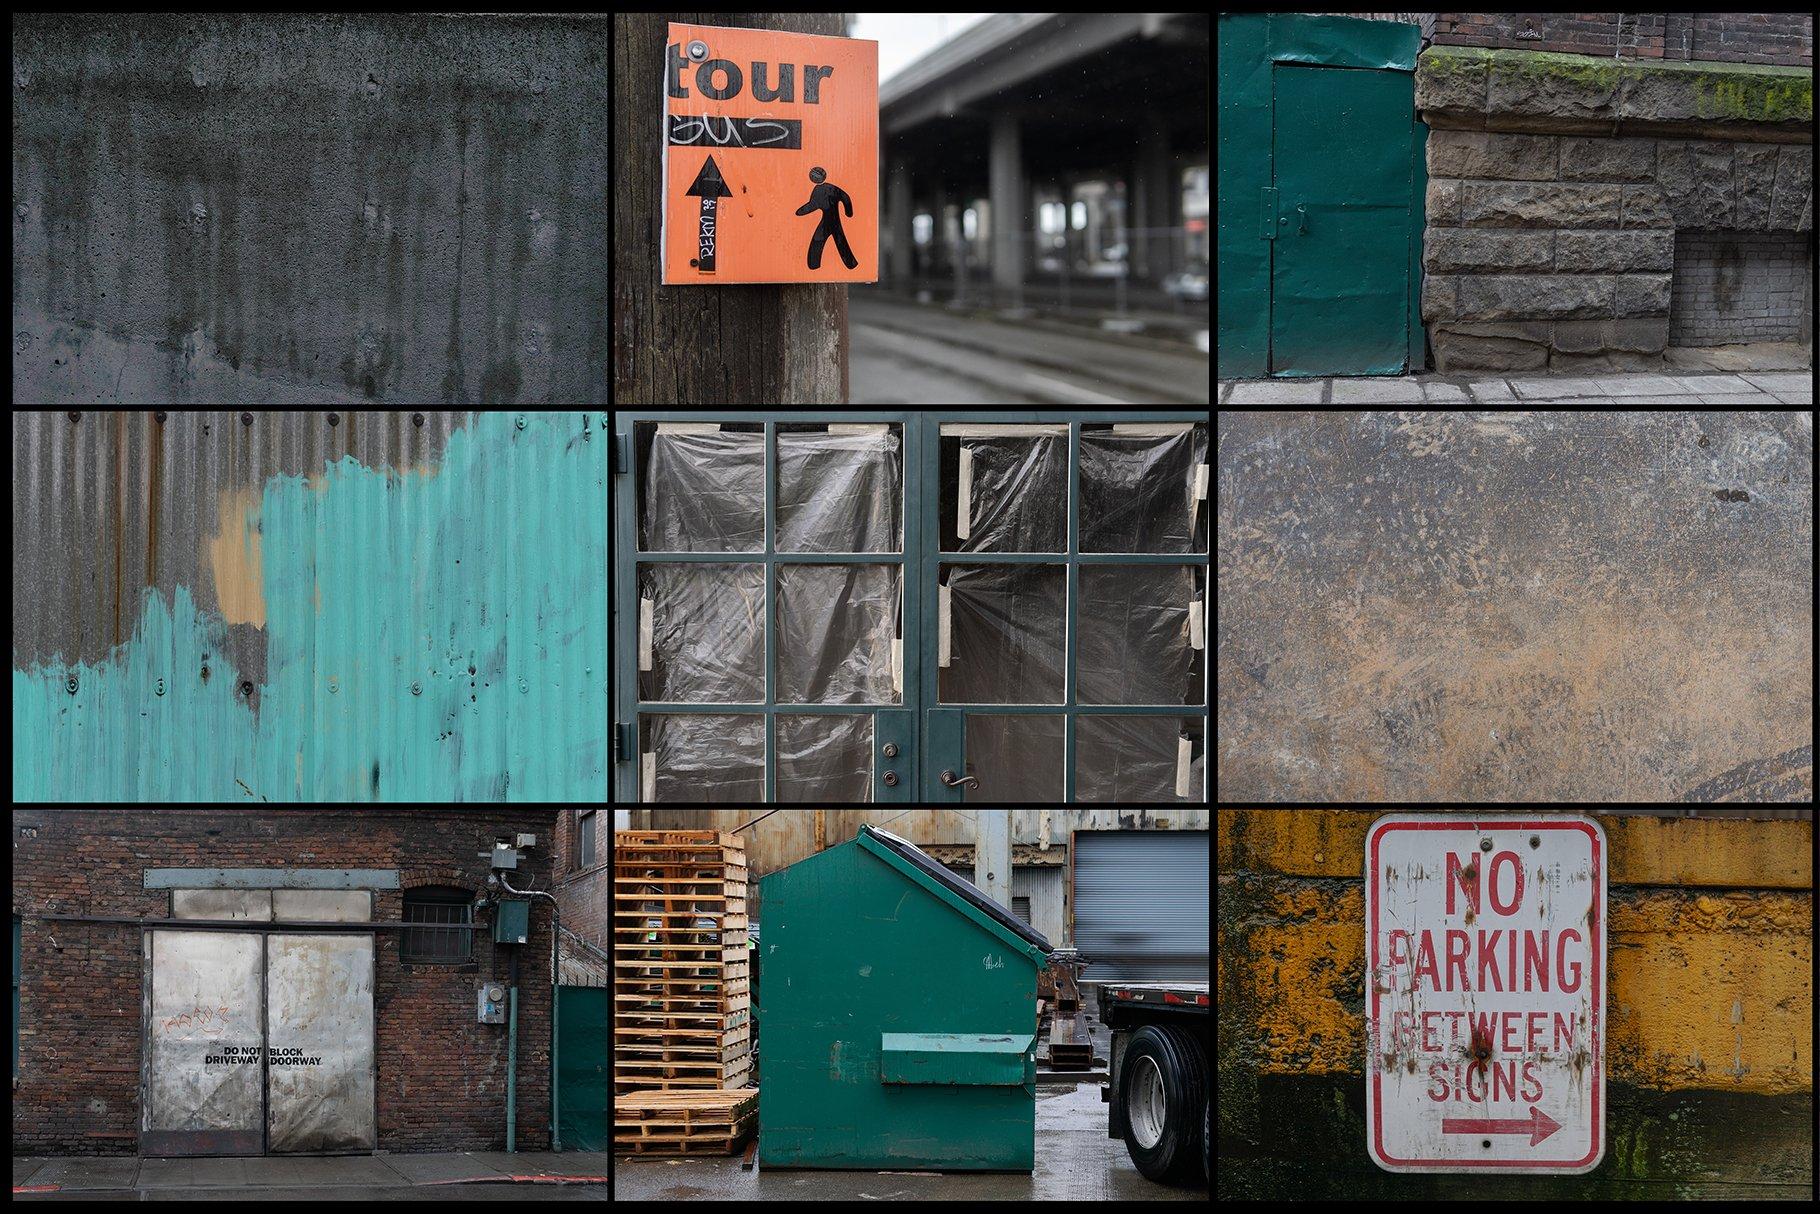 280多款高清锈迹划痕破裂污渍混凝土城市摄影图片背景素材 280 Urban Textures插图(4)